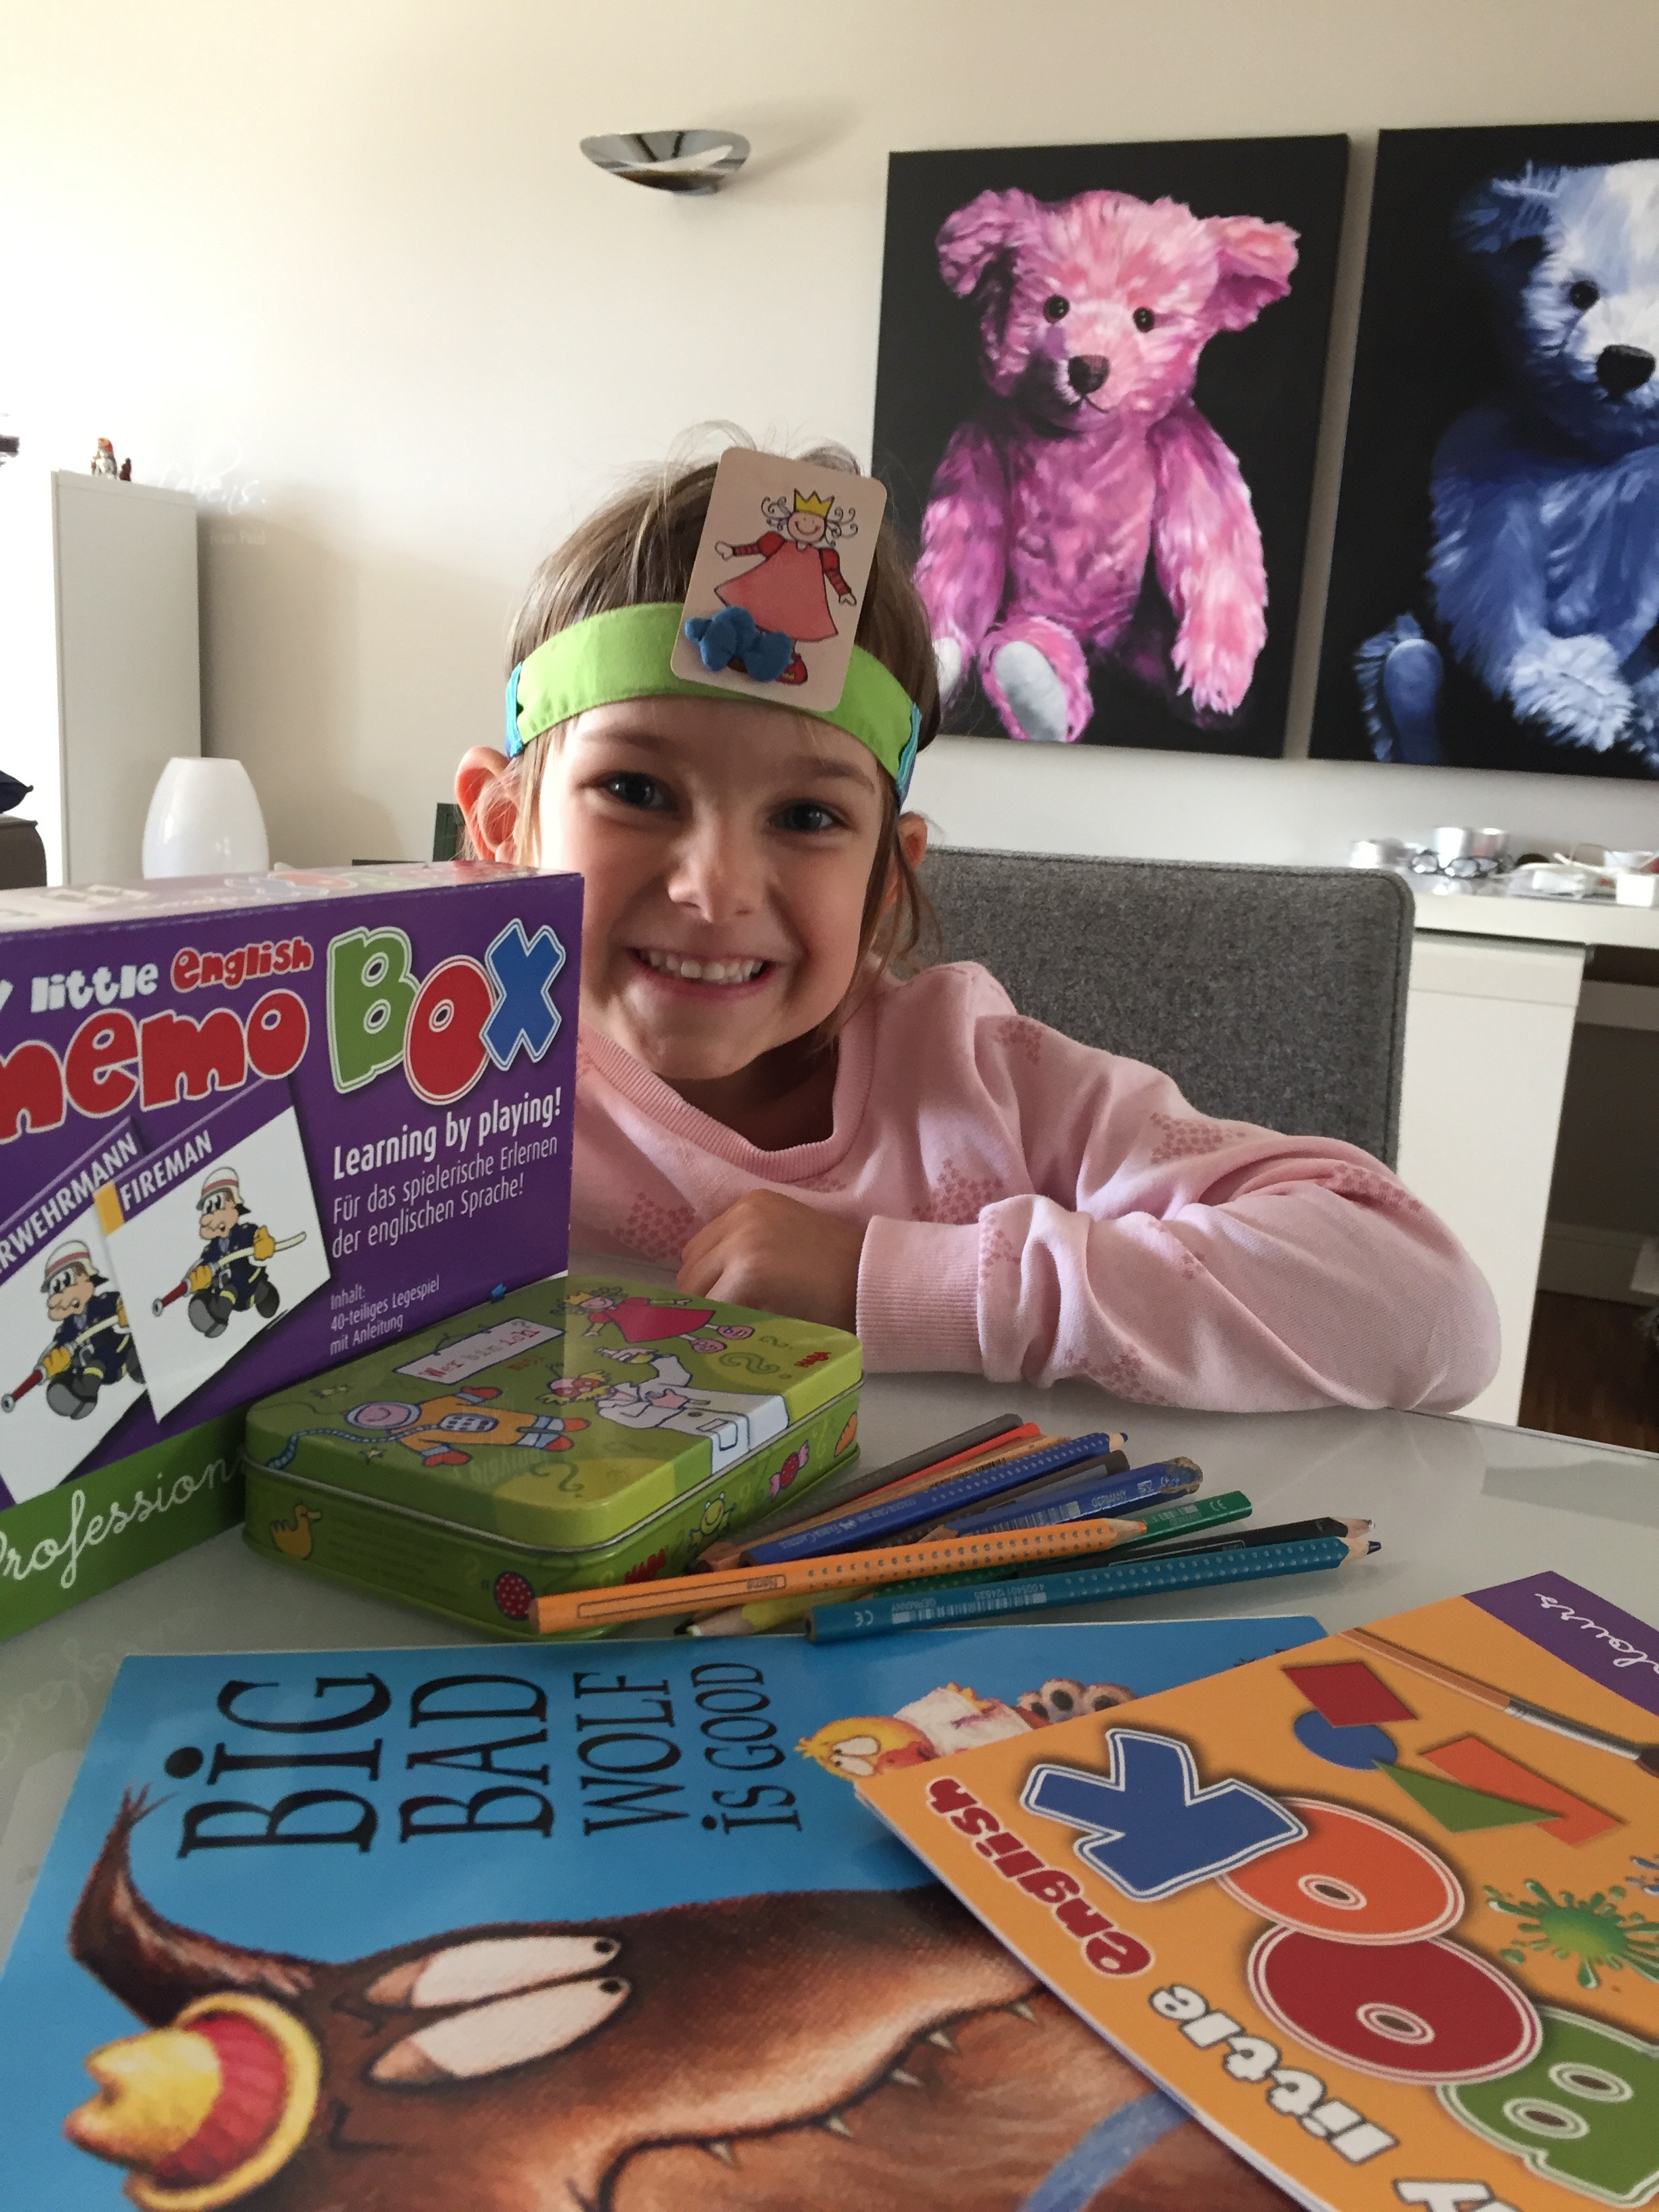 Geburtstagsgeschenke, easy learning, englisch für Kinder, Lernspiele